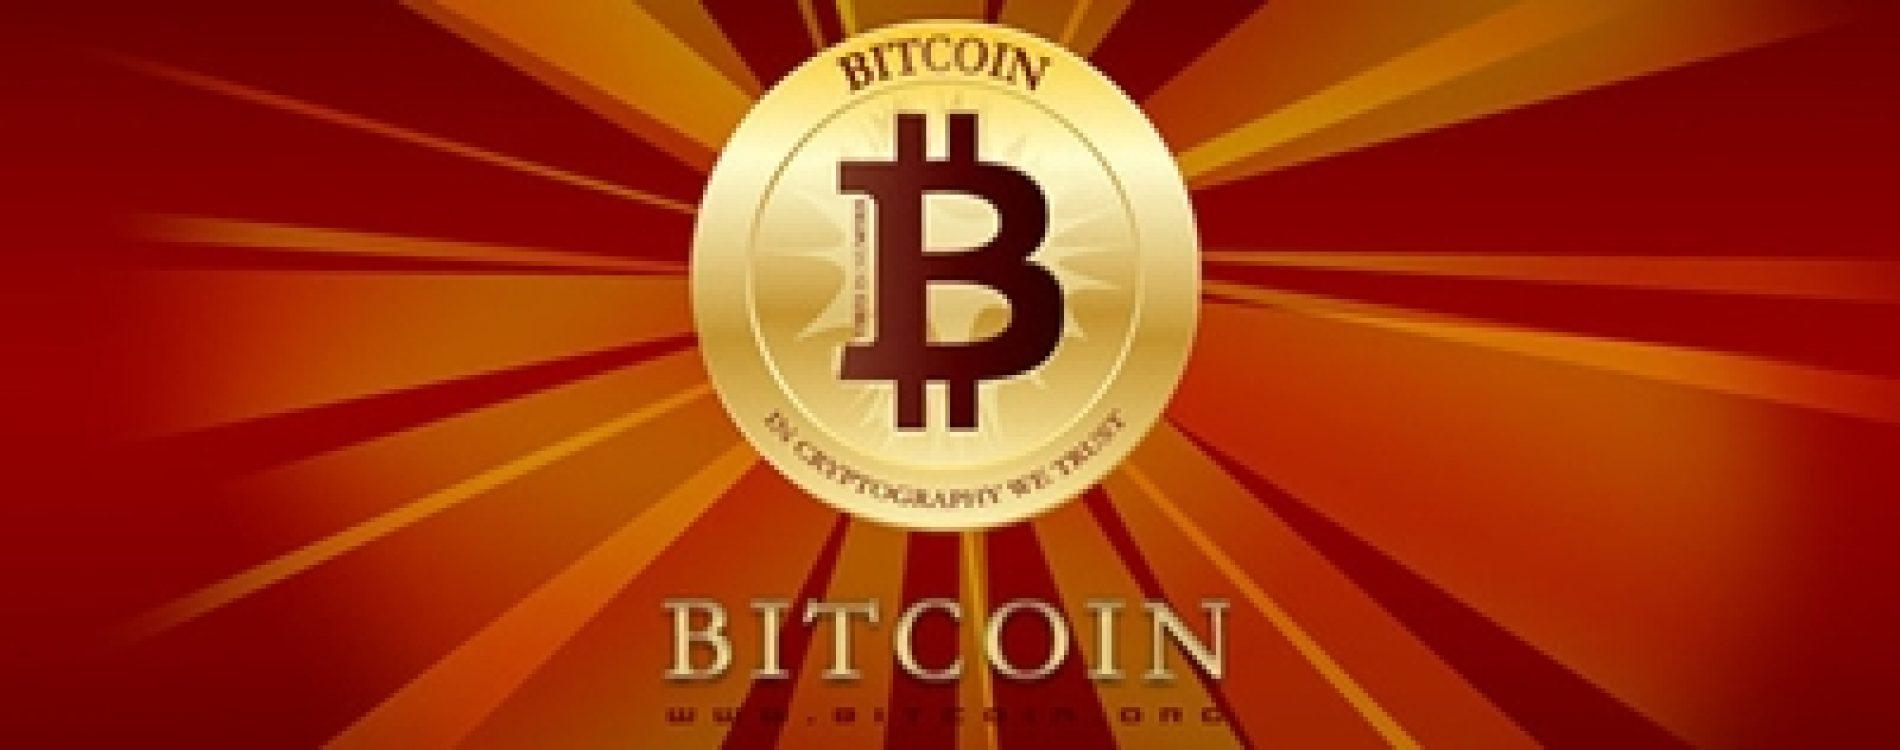 Bitcoin, ¿La moneda del futuro?